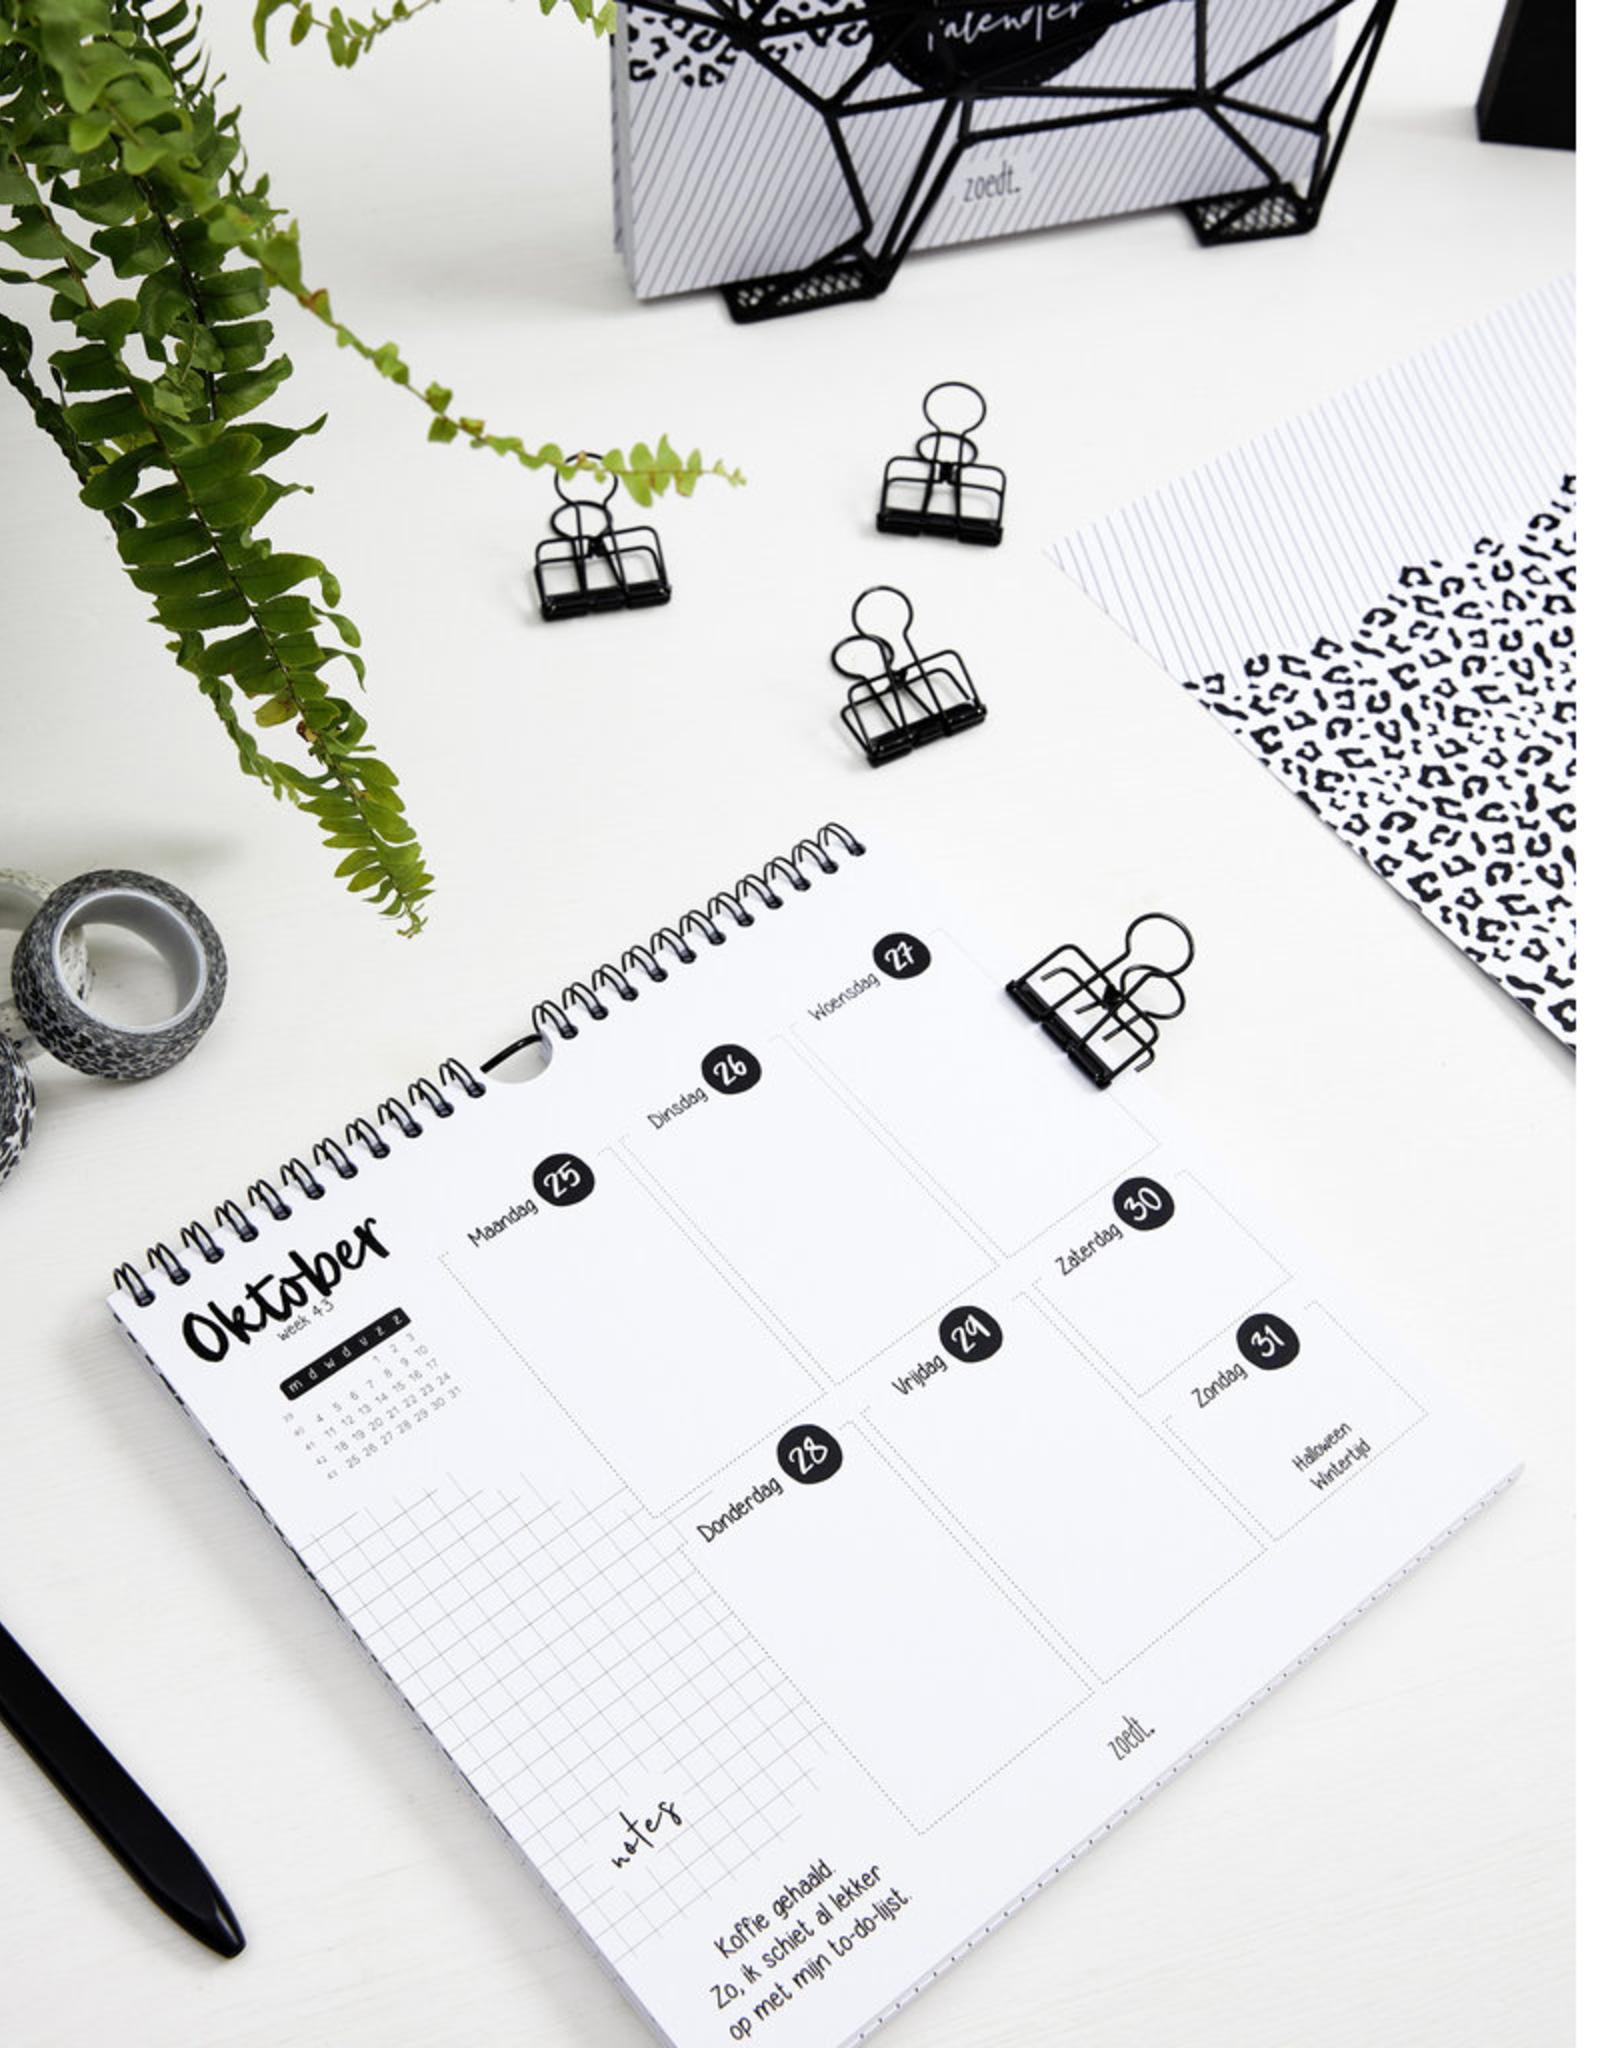 Zoedt Weekkalender 2021 - Zoedt